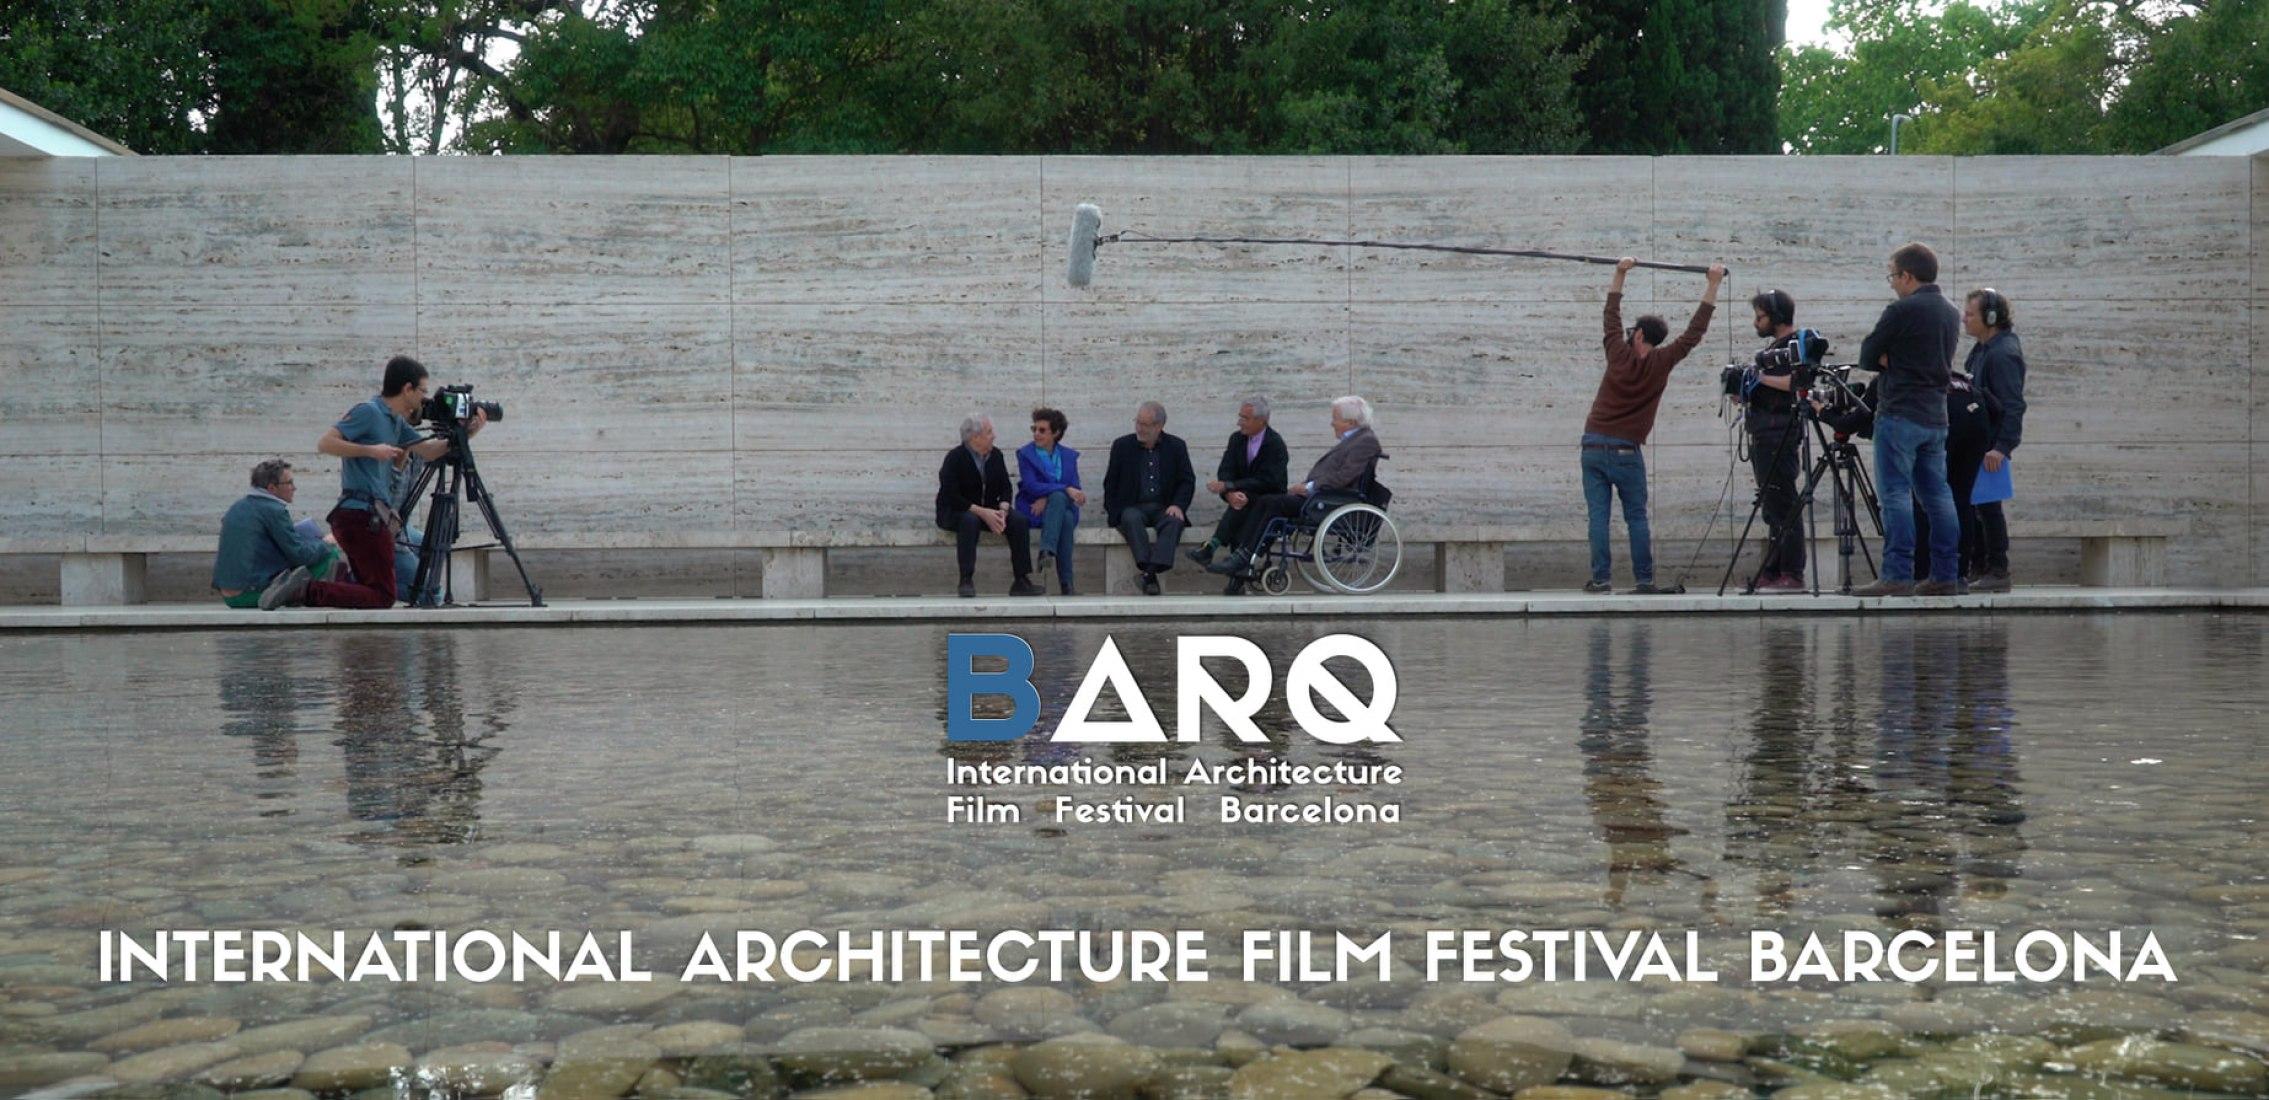 BARQ Festival – Festival Internacional de cine de arquitectura de Barcelona. 1ra Edición